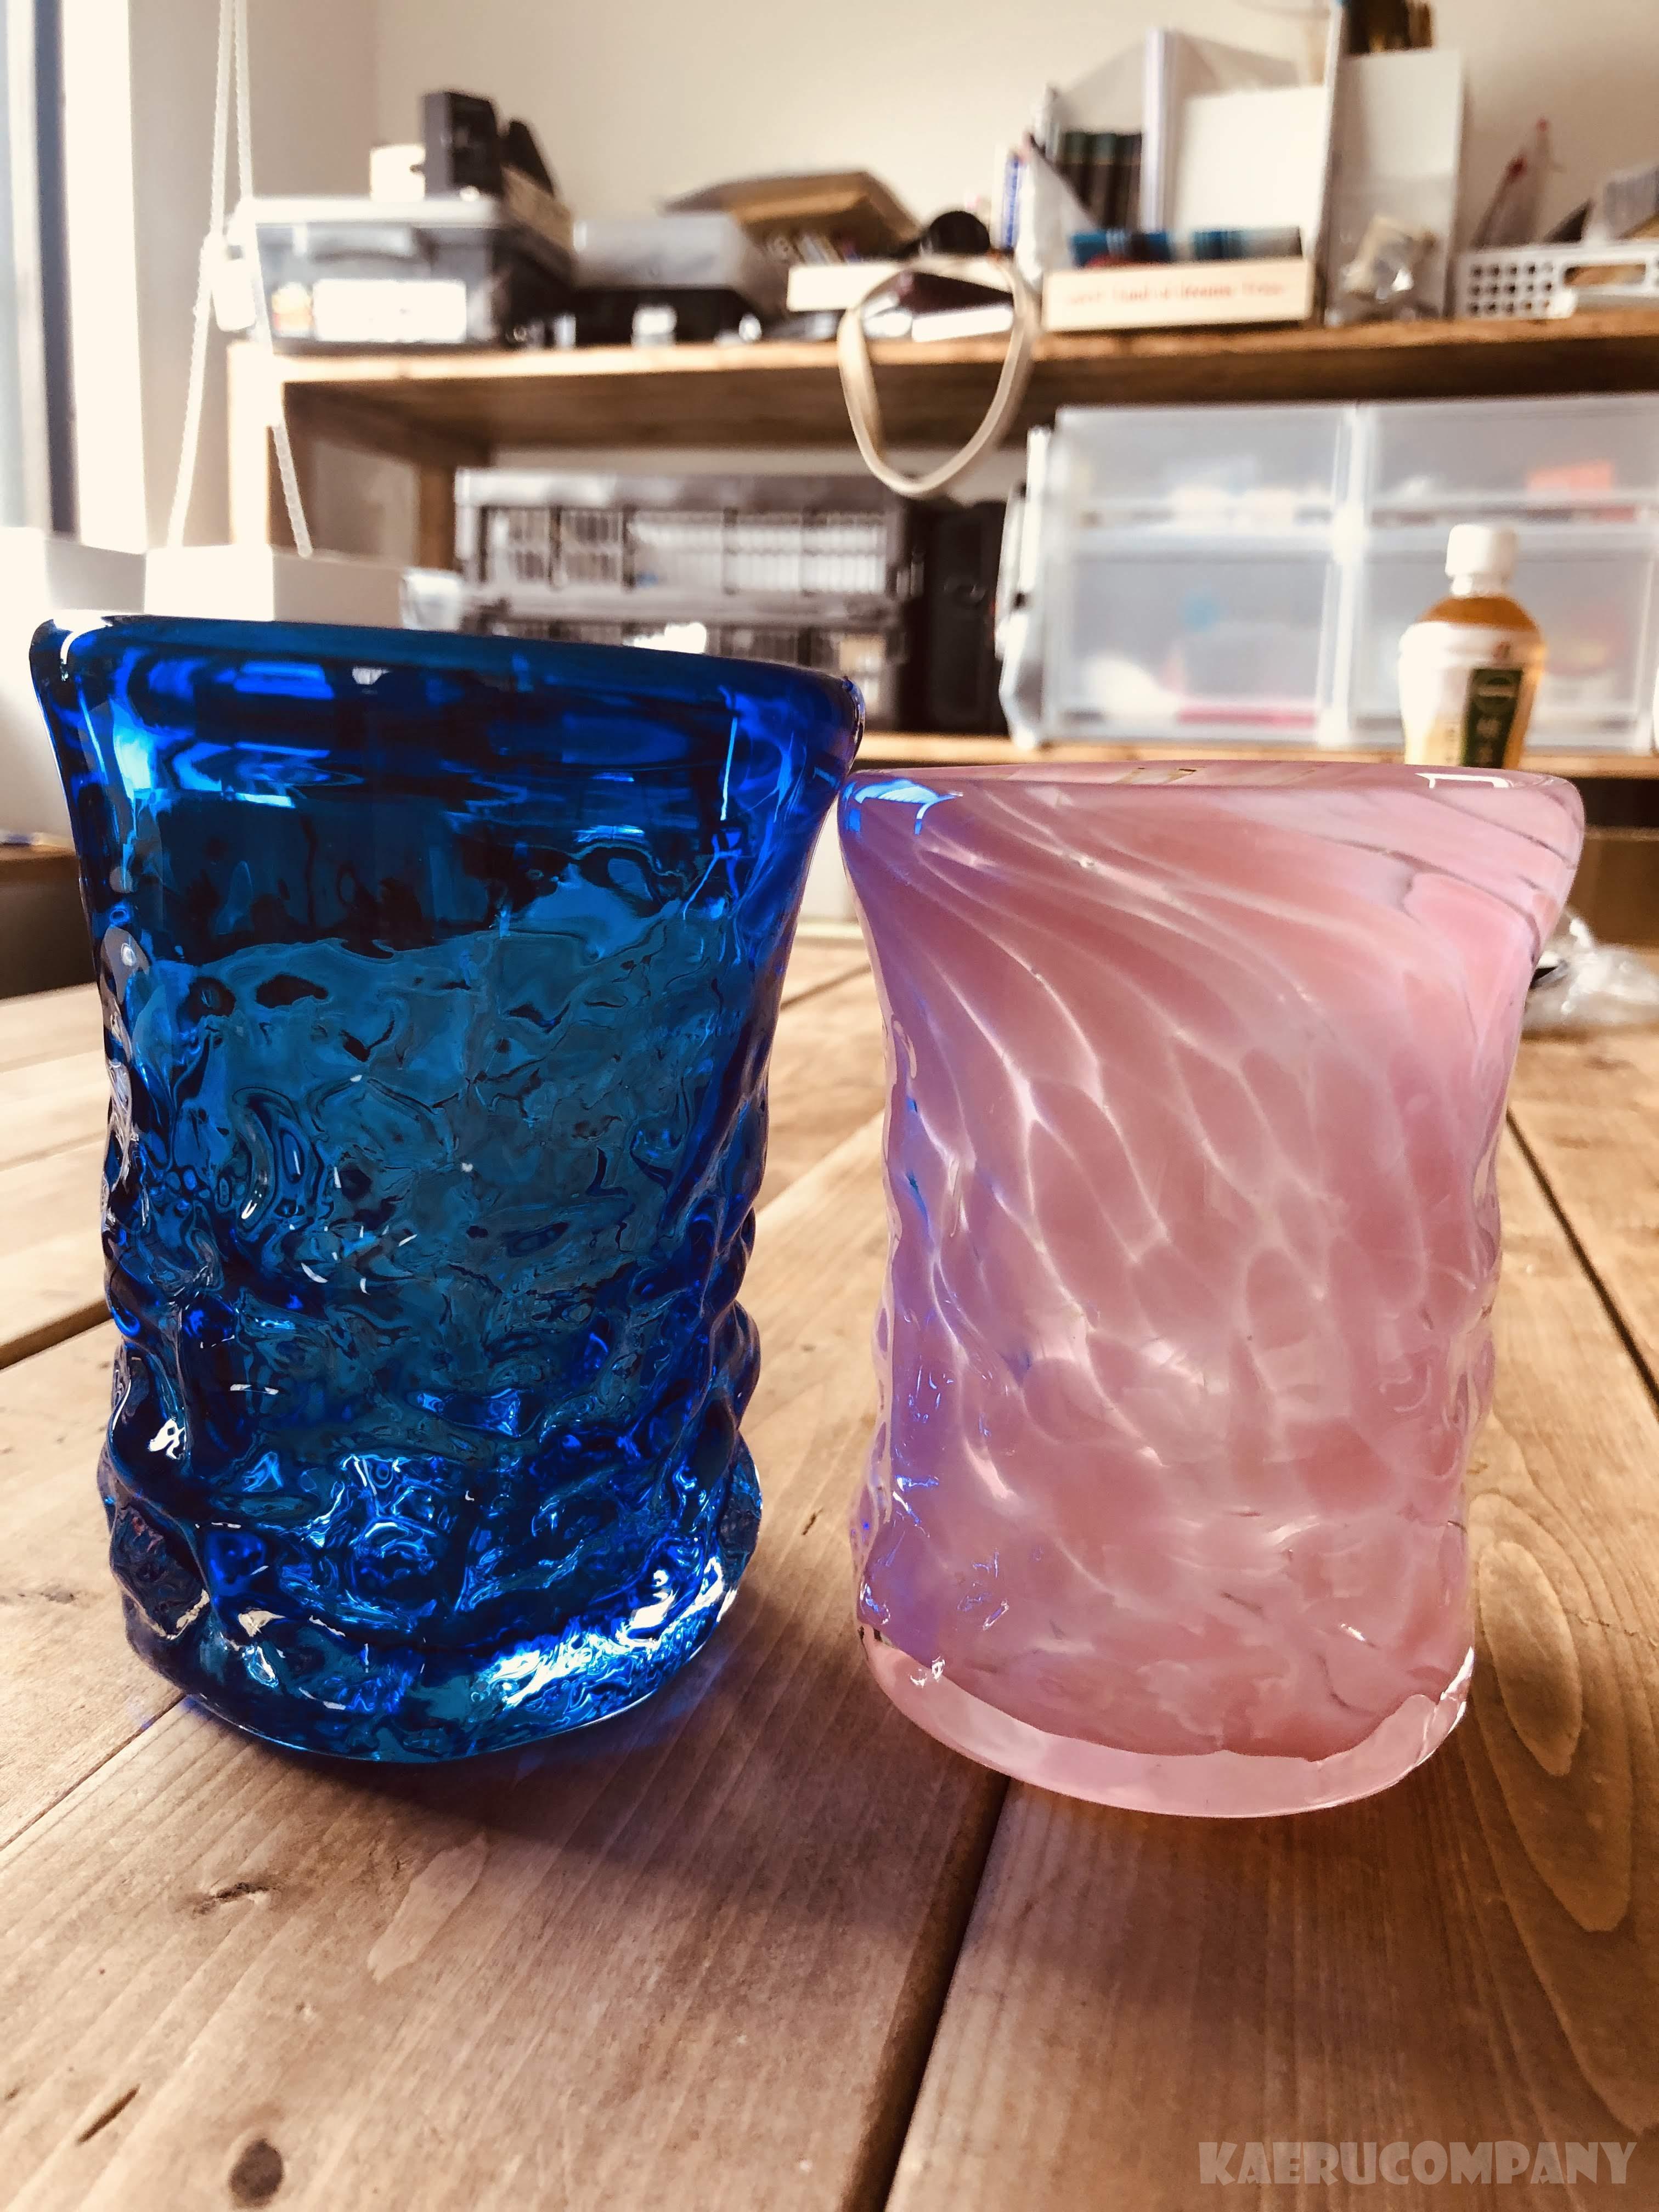 琉球ガラスの吹き体験といえば!元祖琉球ガラス村